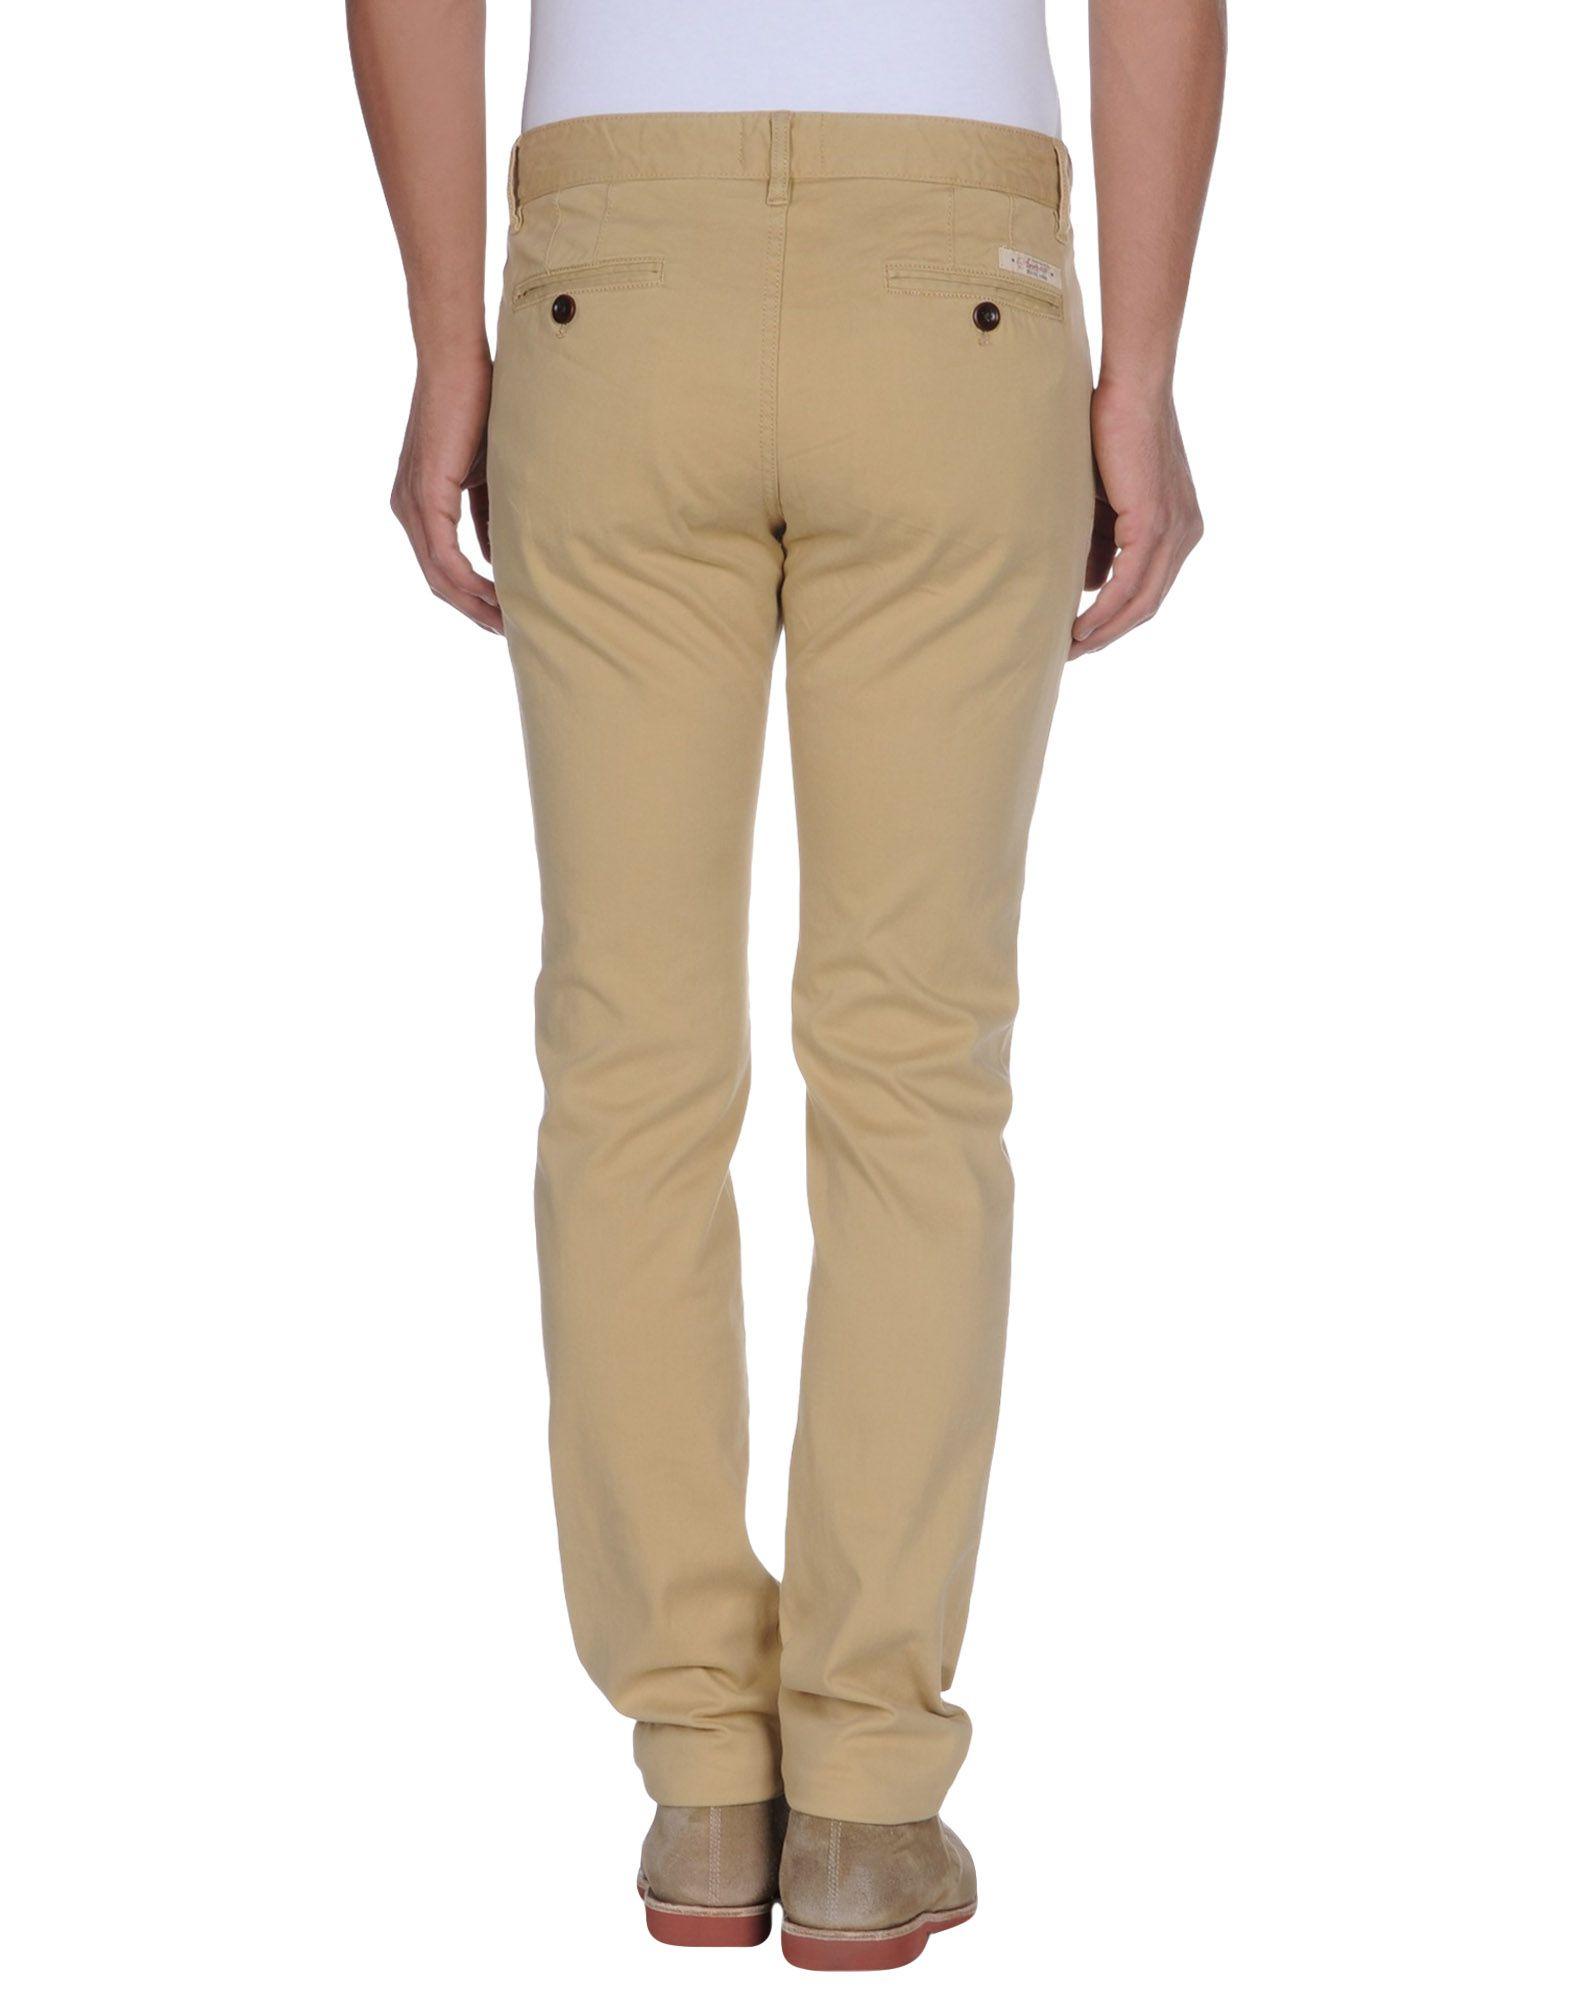 tommy hilfiger denim casual trouser in beige for men sand lyst. Black Bedroom Furniture Sets. Home Design Ideas